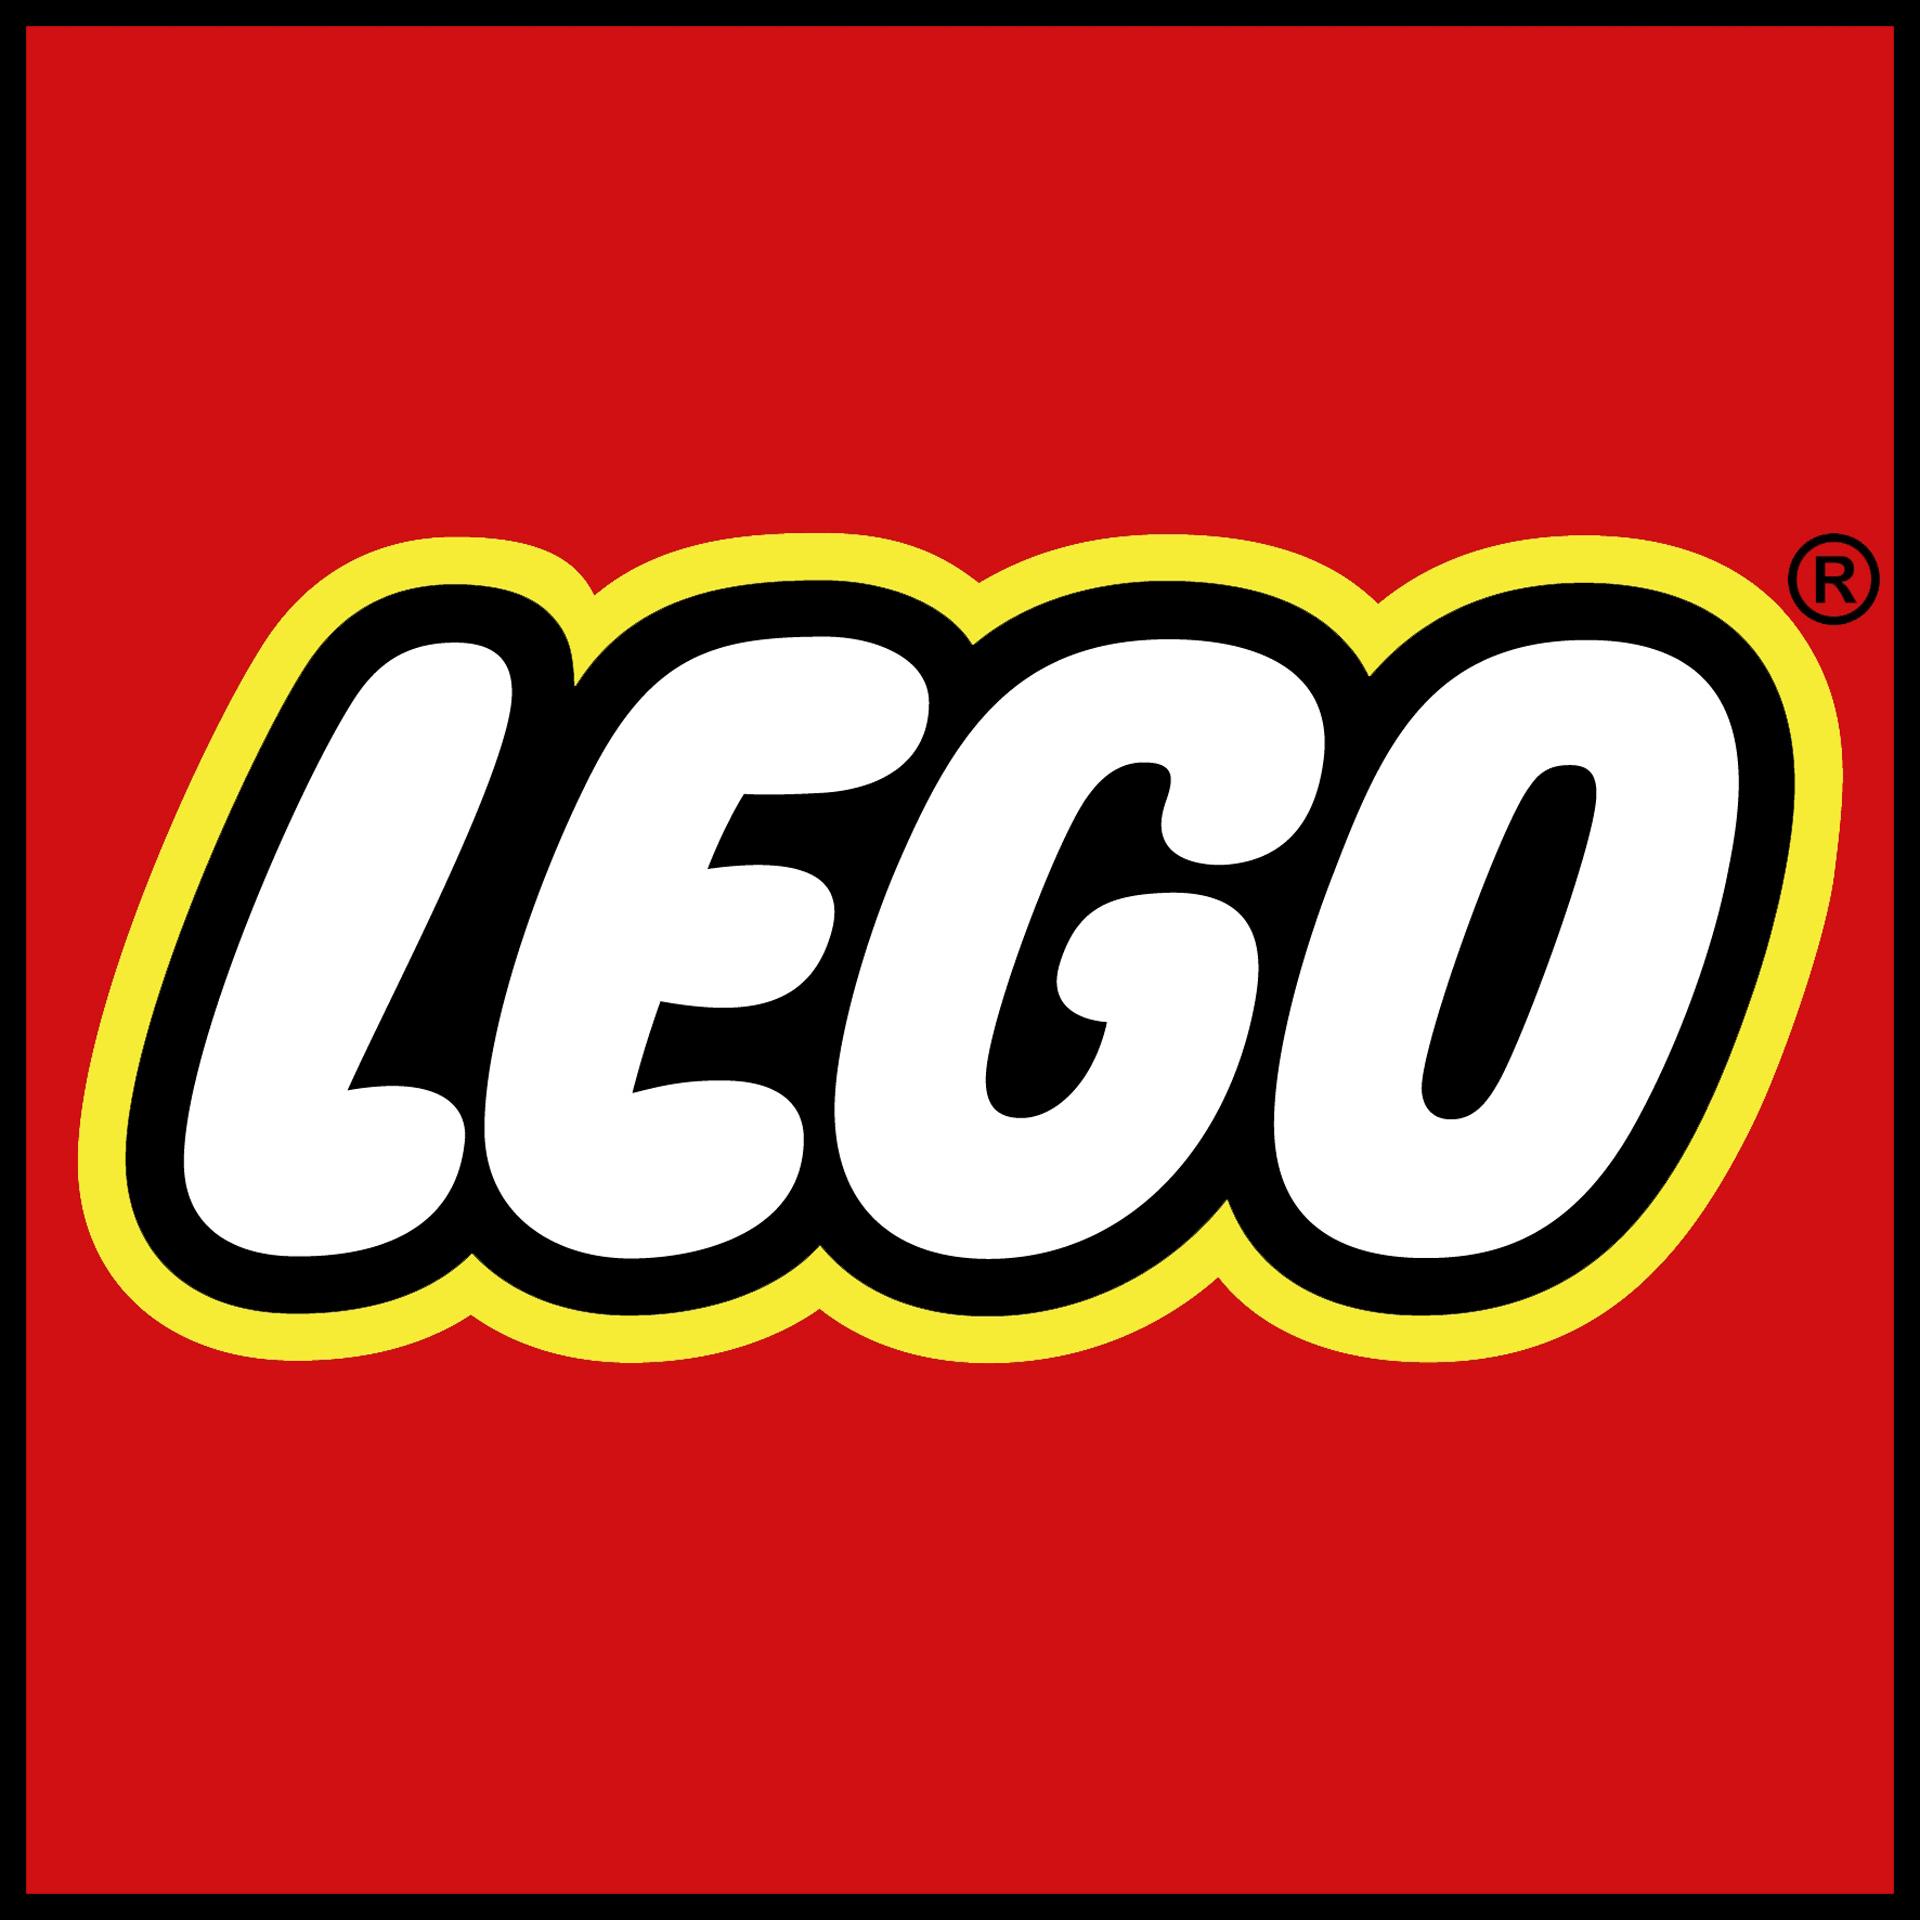 LEGO Tạm dừng quảng cáo các sản phẩm của mình trên mạng xa hội